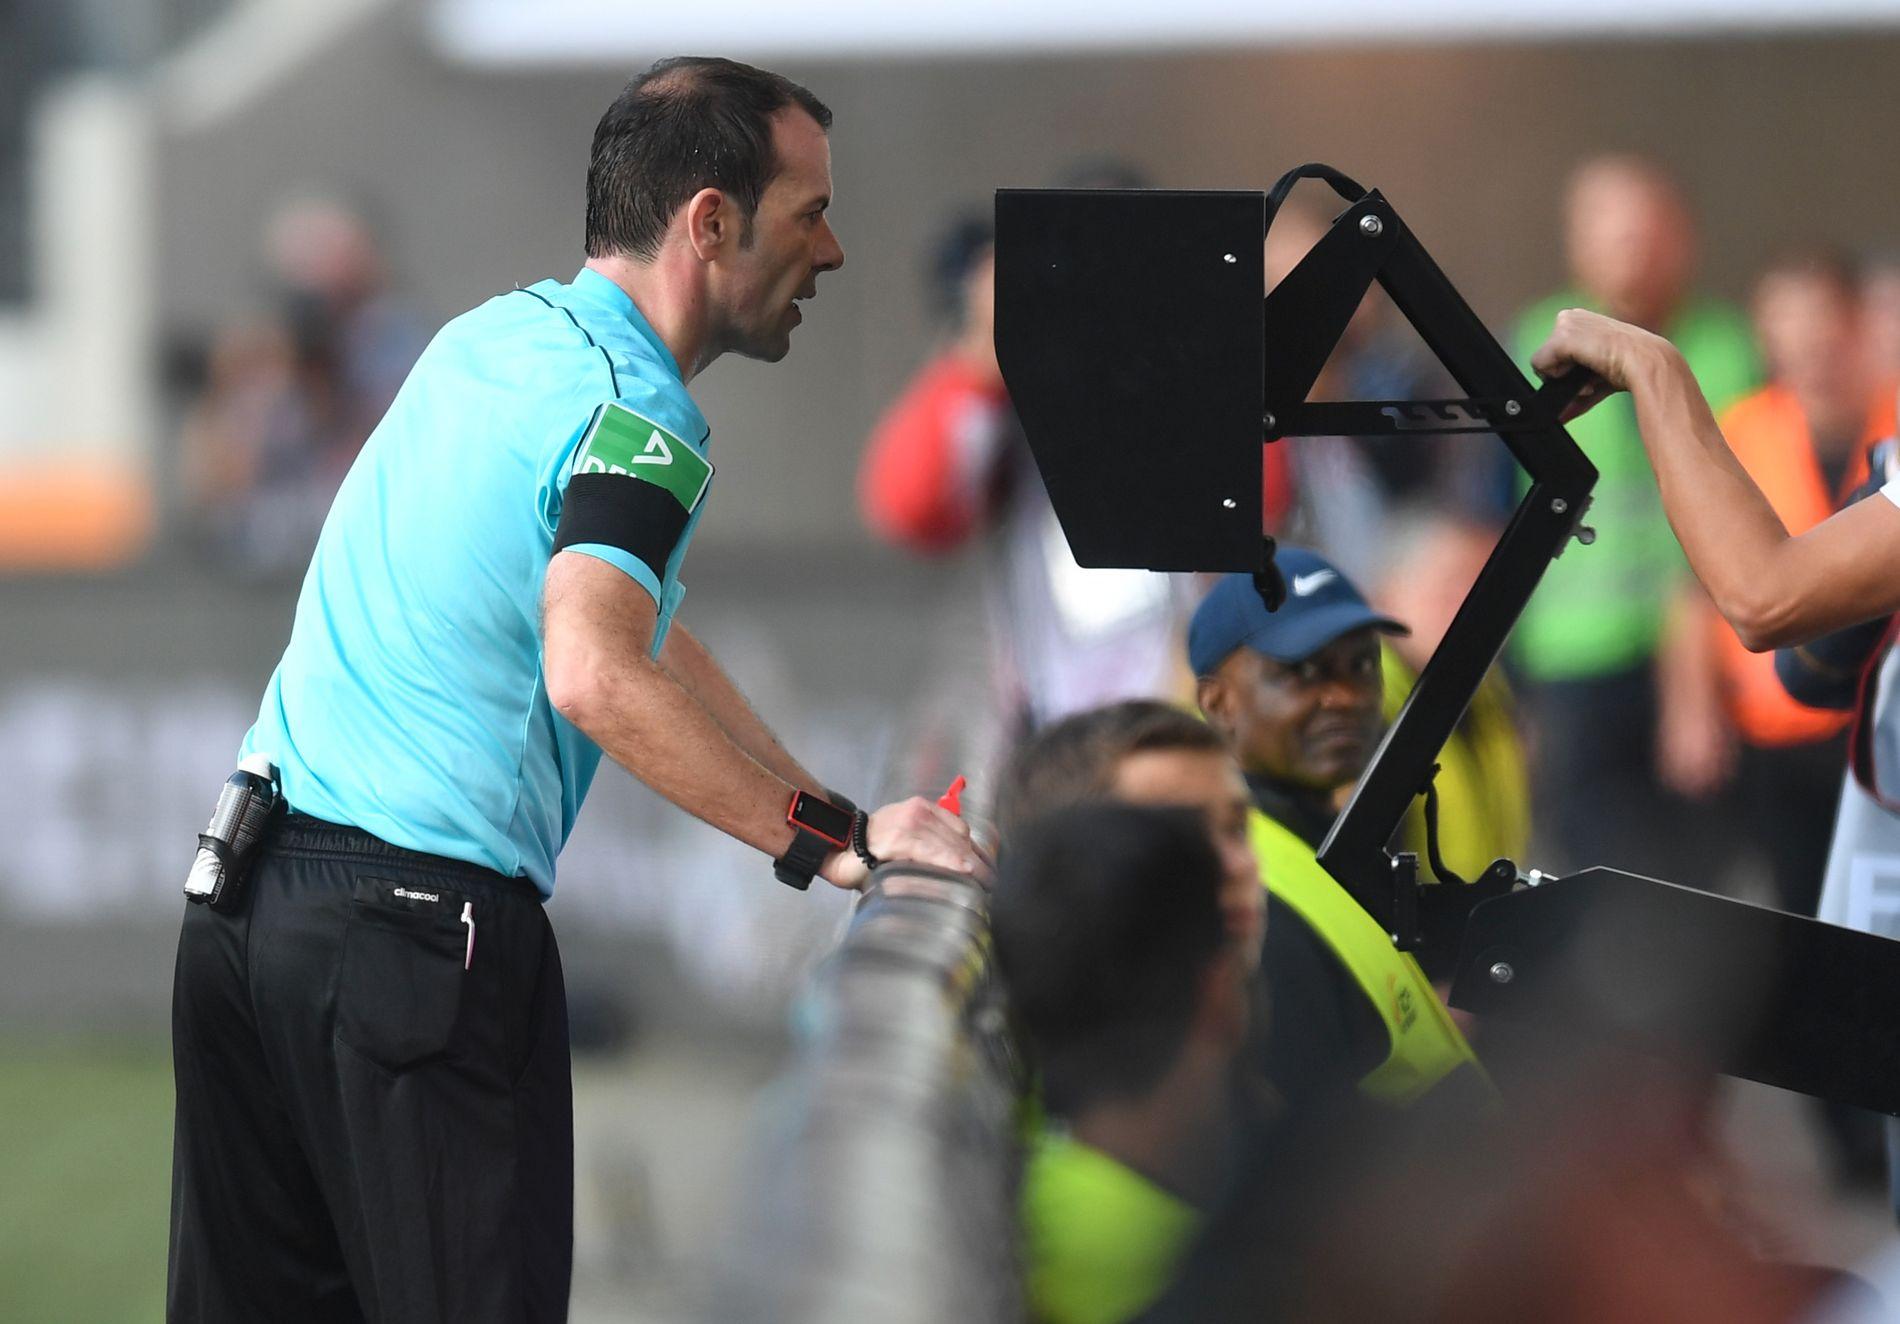 KOMMER TIL ENGLAND: Slike scener kan nå bli vanlig i engelsk fotball. Her sjekker den tyske dommeren Marco Fritz videobildene under en Bundesliga-kamp mellom FC Augsburg og Borussia Dortmund.